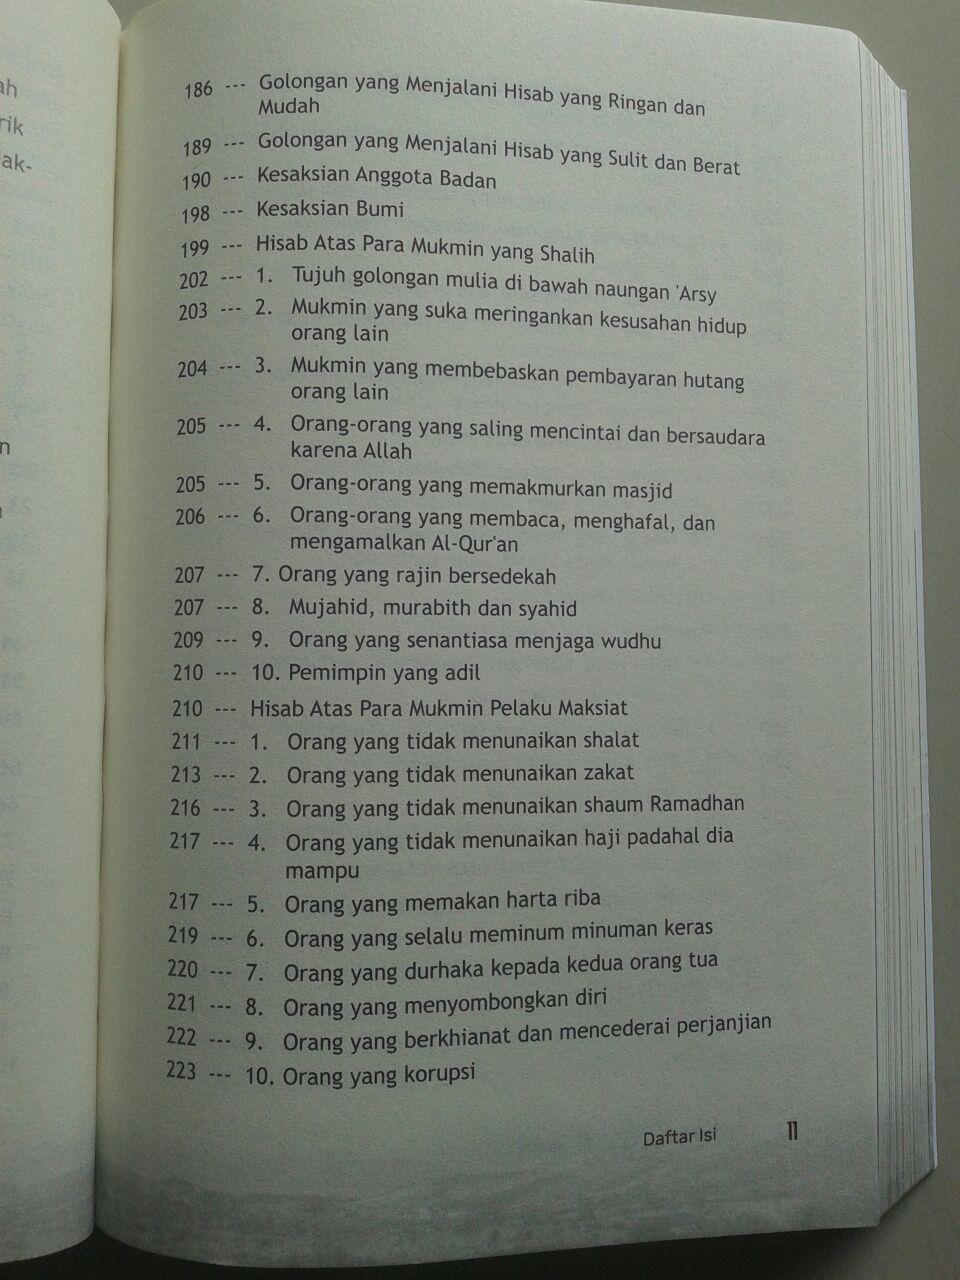 Buku Misteri Padang Mahsyar isi